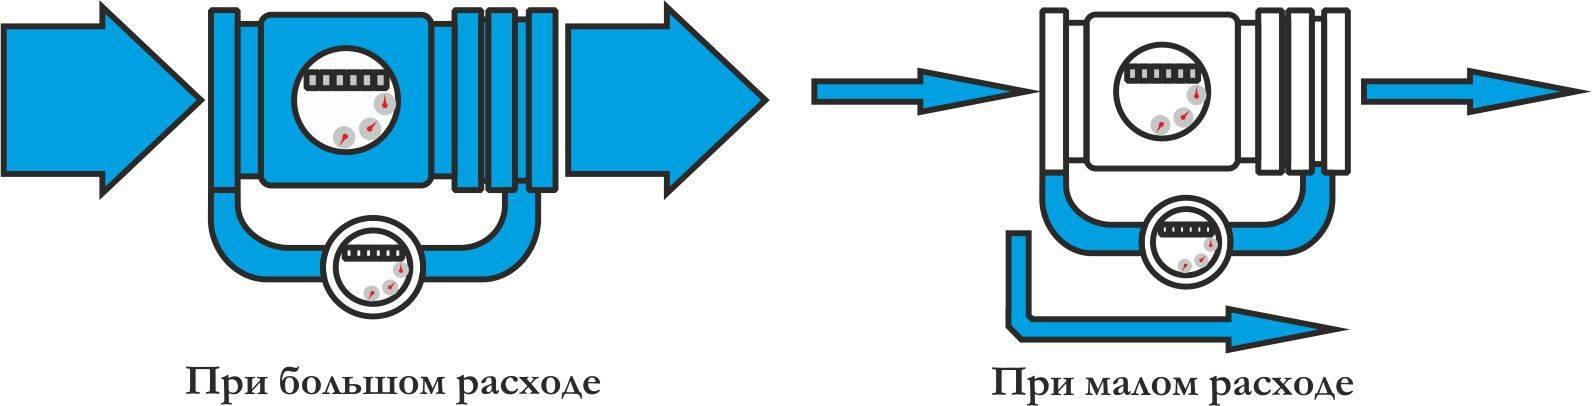 Установка водосчётчиков – как выполнить своими руками?